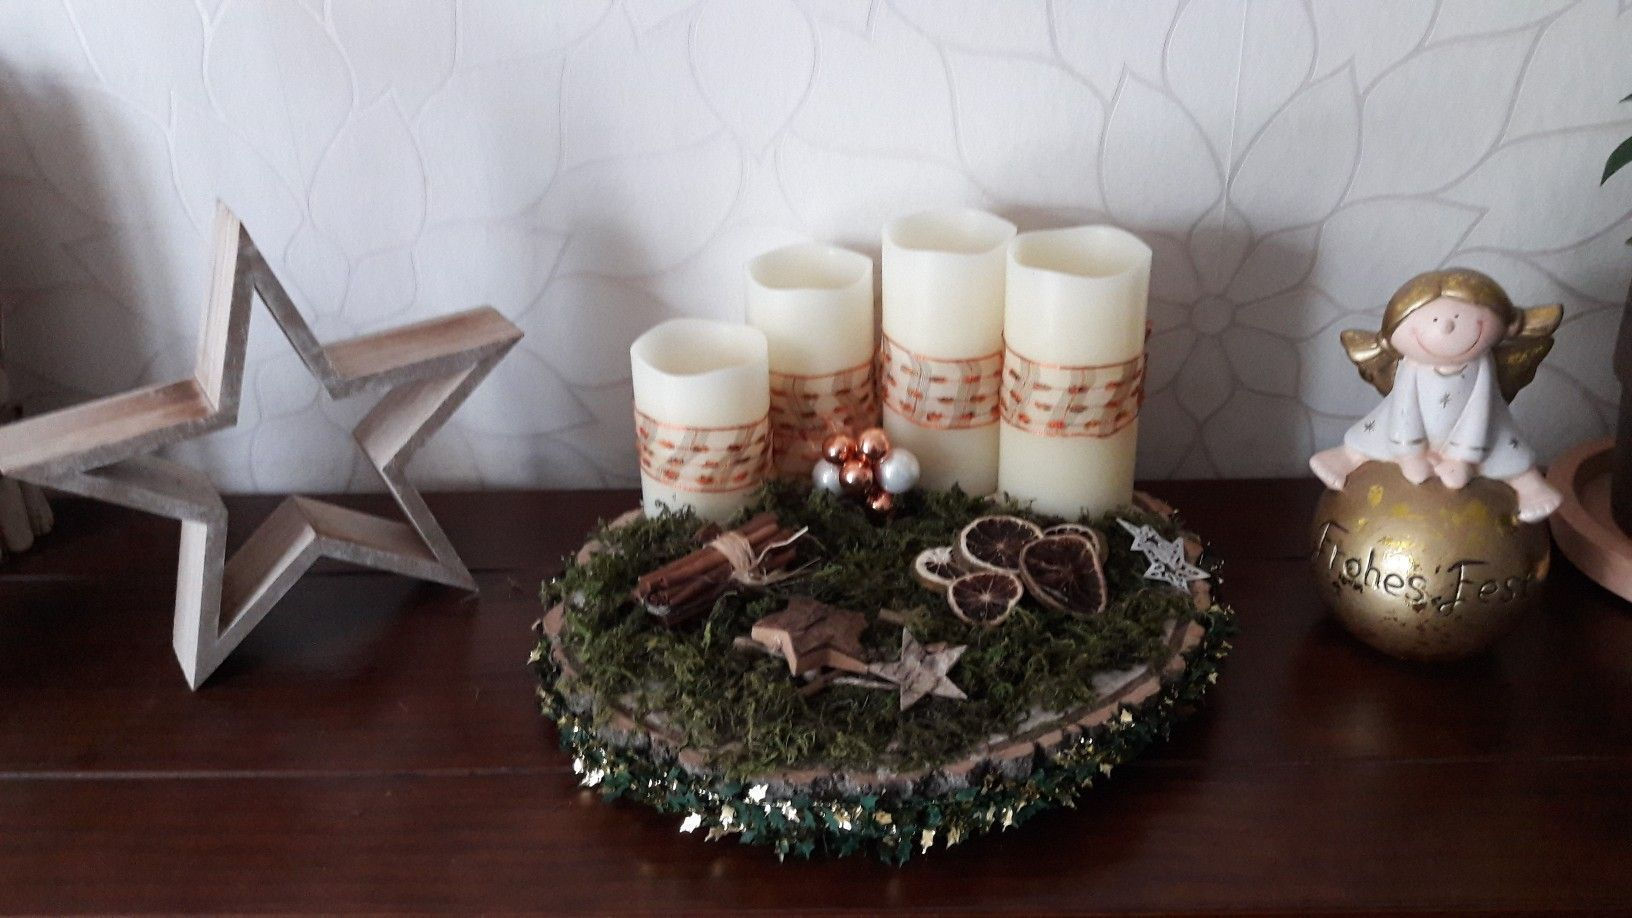 Adventskranz Mit Echtwachs Led Kerzen Baumscheibe Getrocknete